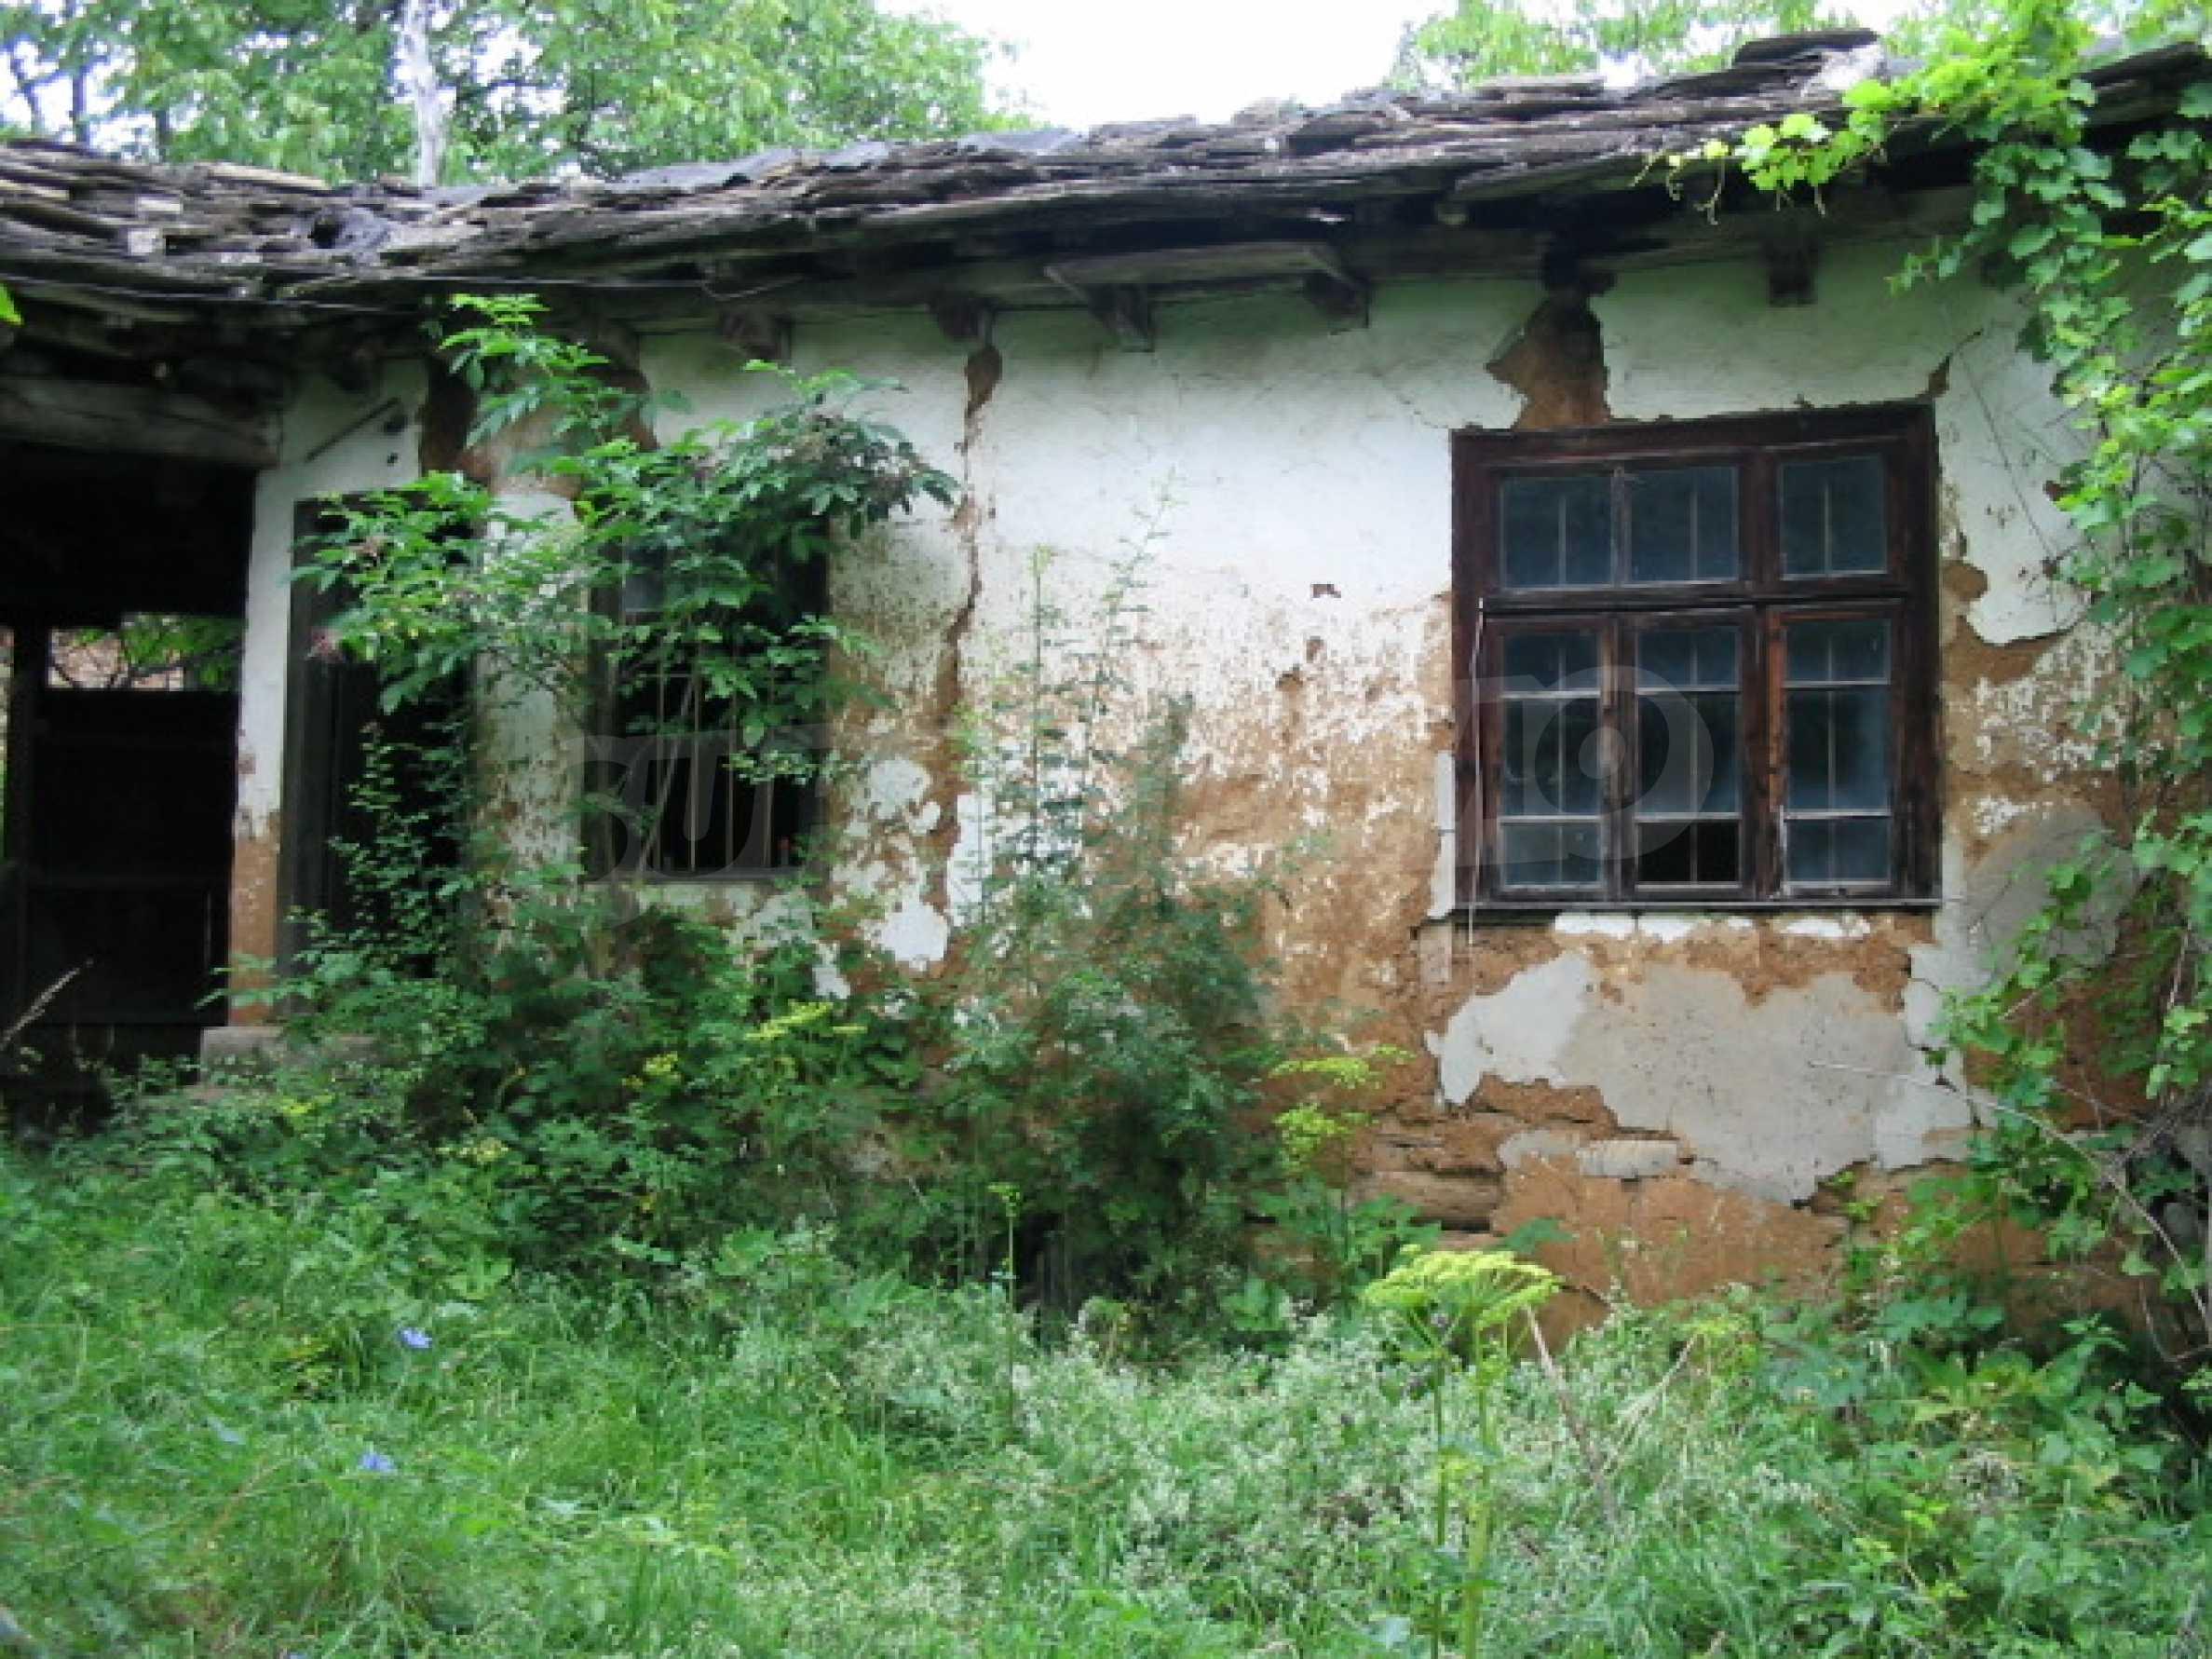 Haus zum Verkauf in der Nähe von Gabrovo